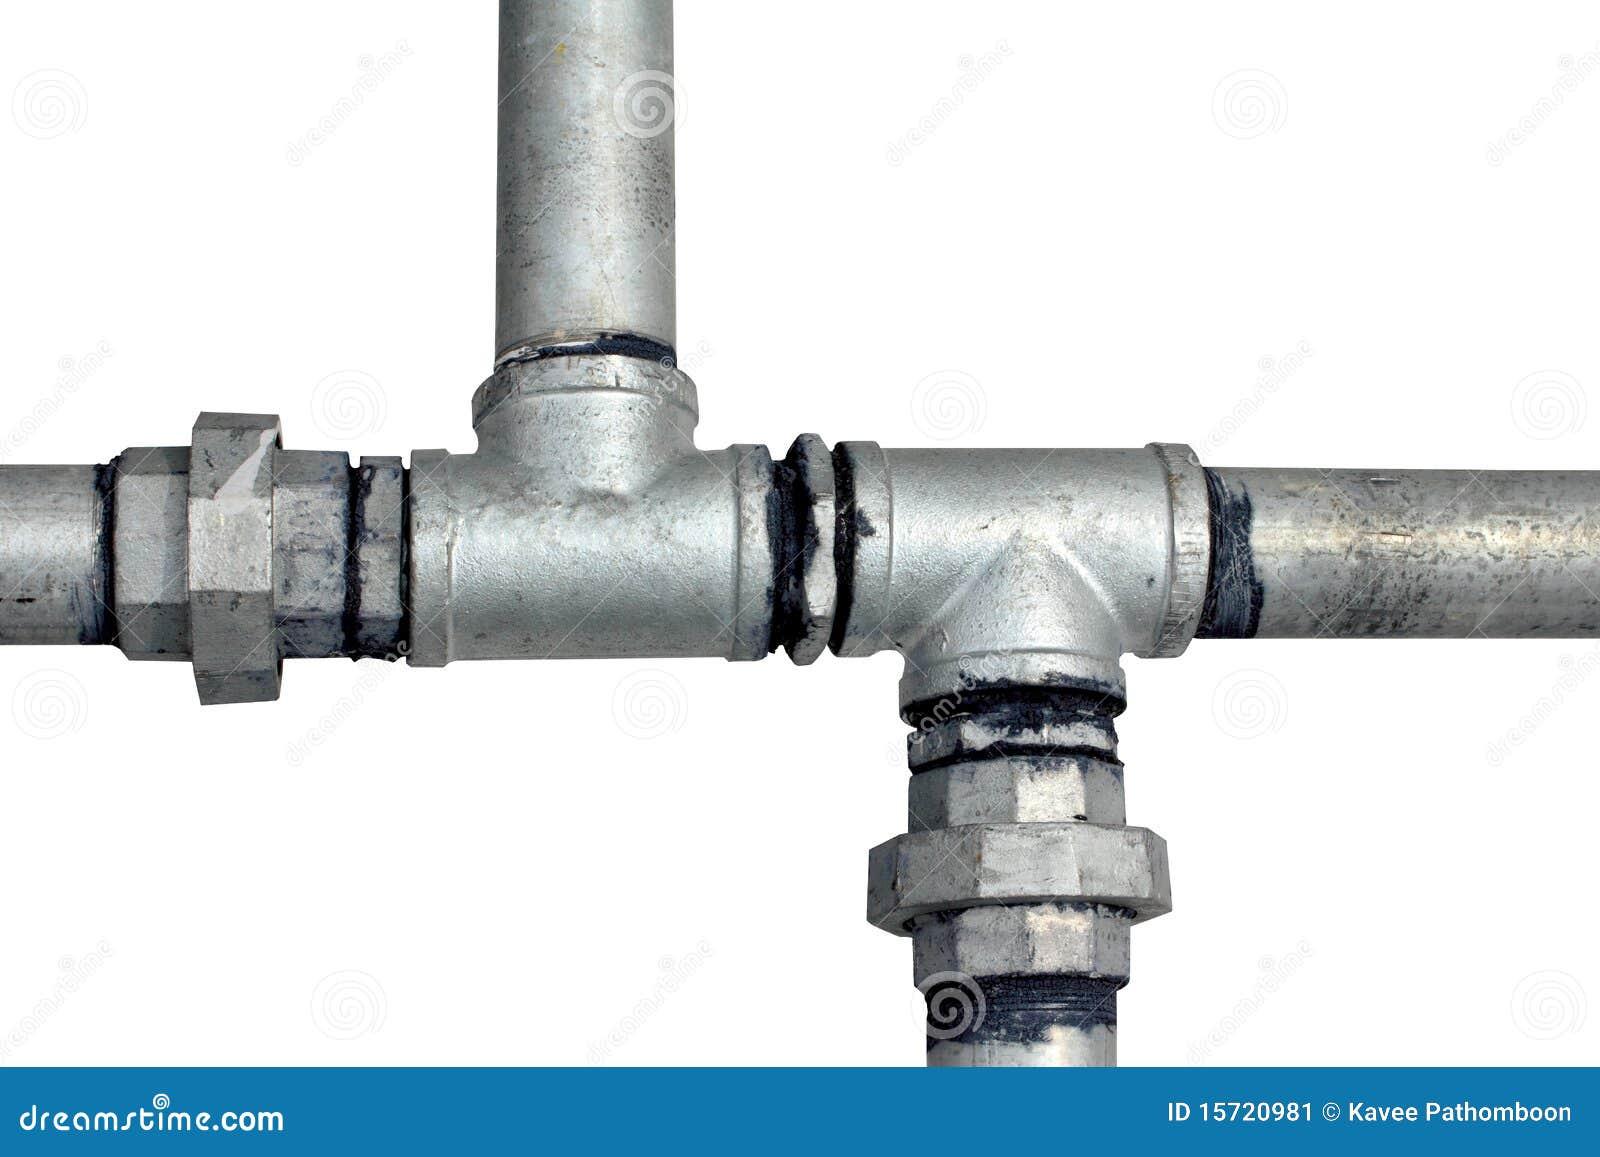 metallwasserrohre auf einem weiß stockbild - bild von auszug, hahn